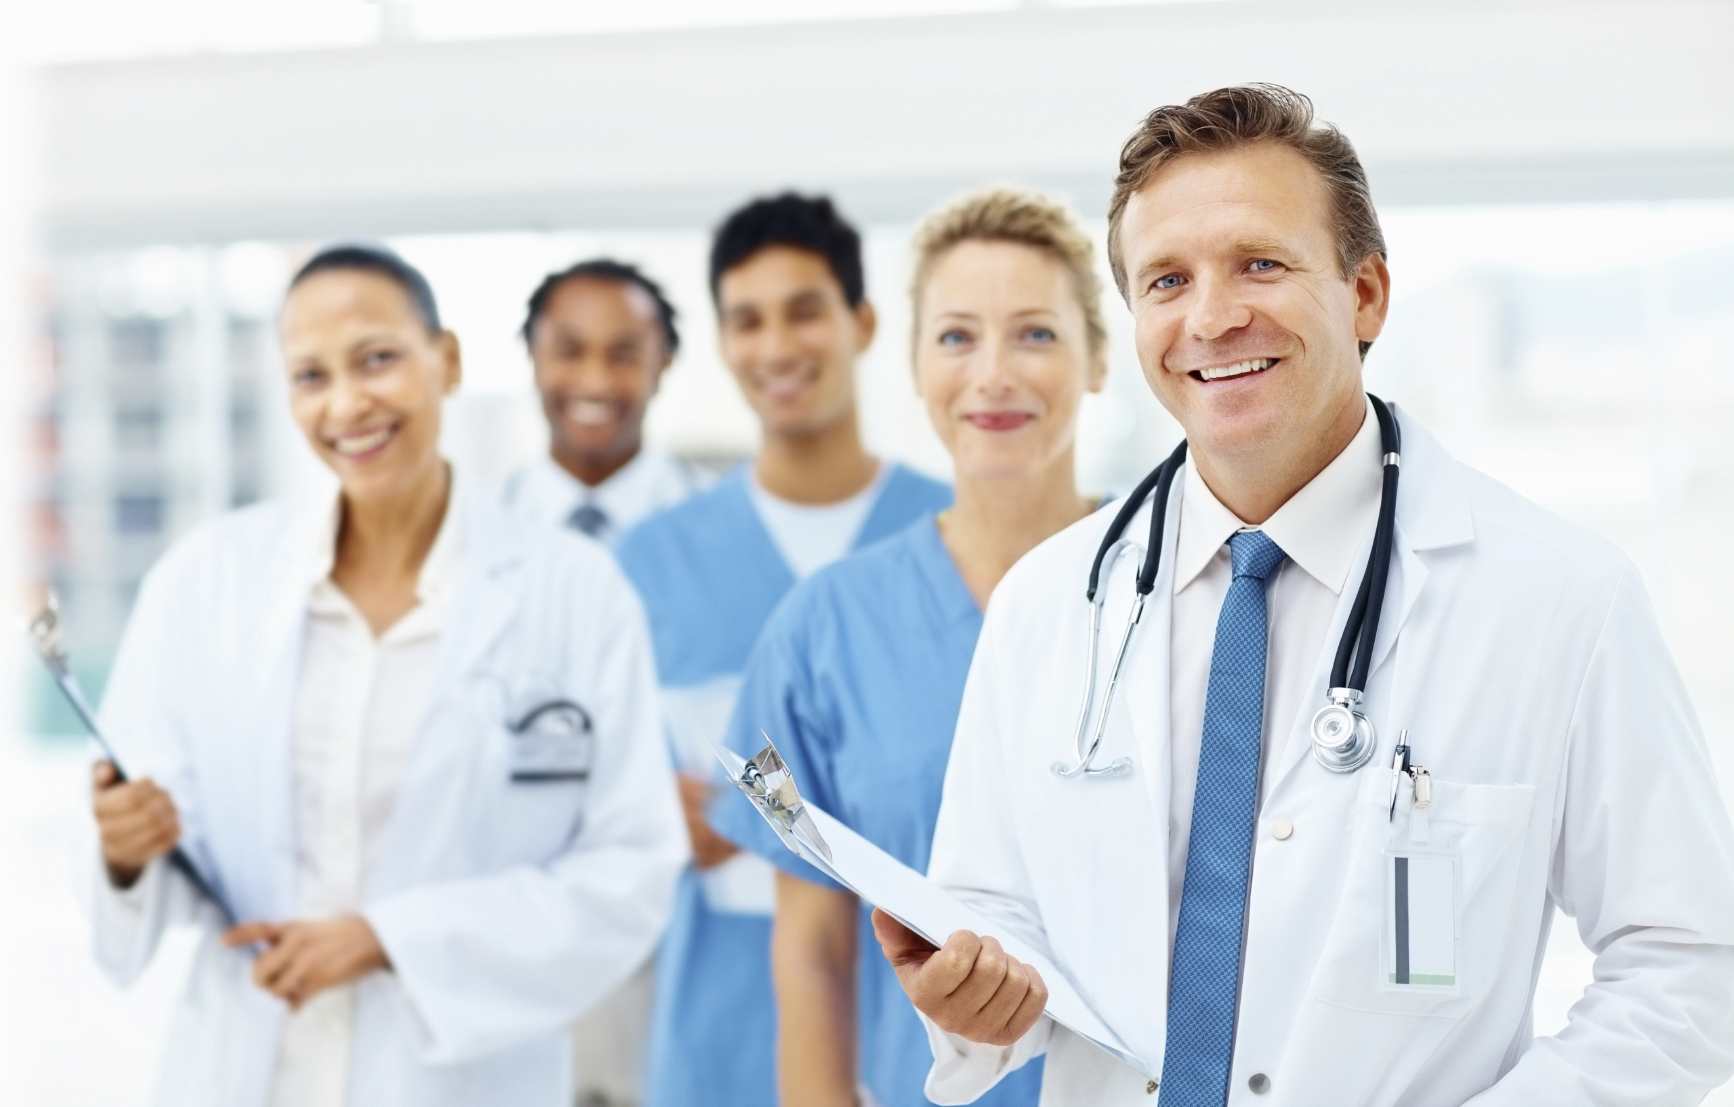 【深夜・休日】池袋周辺で夜間救急の診療をおこなっている病院まとめ